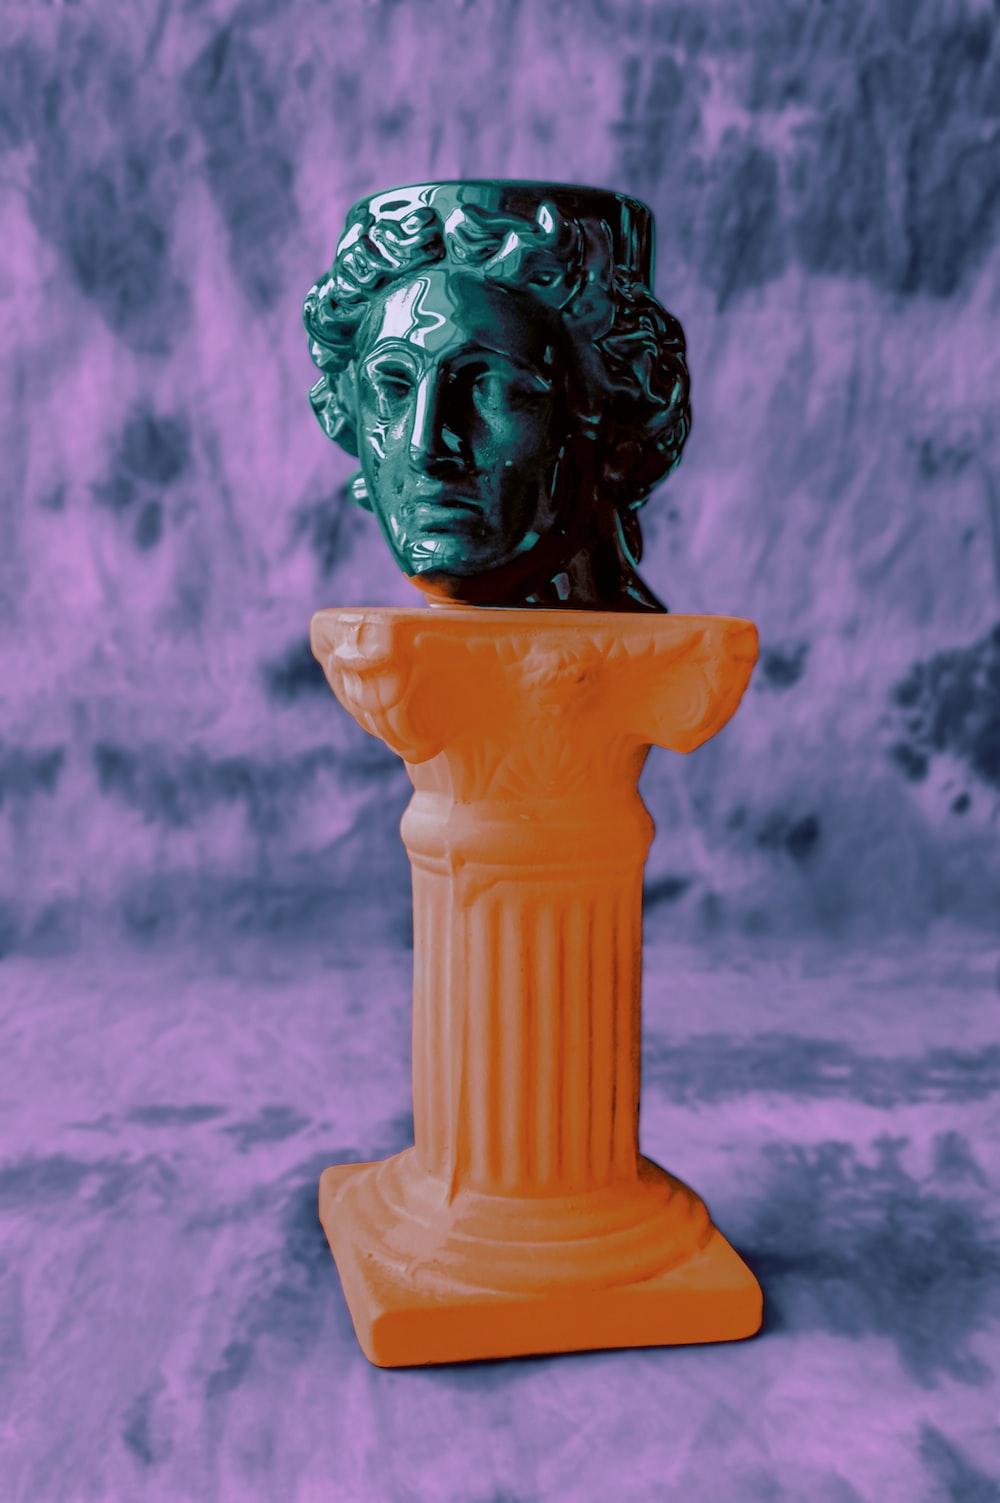 white ceramic figurine on gray concrete stand